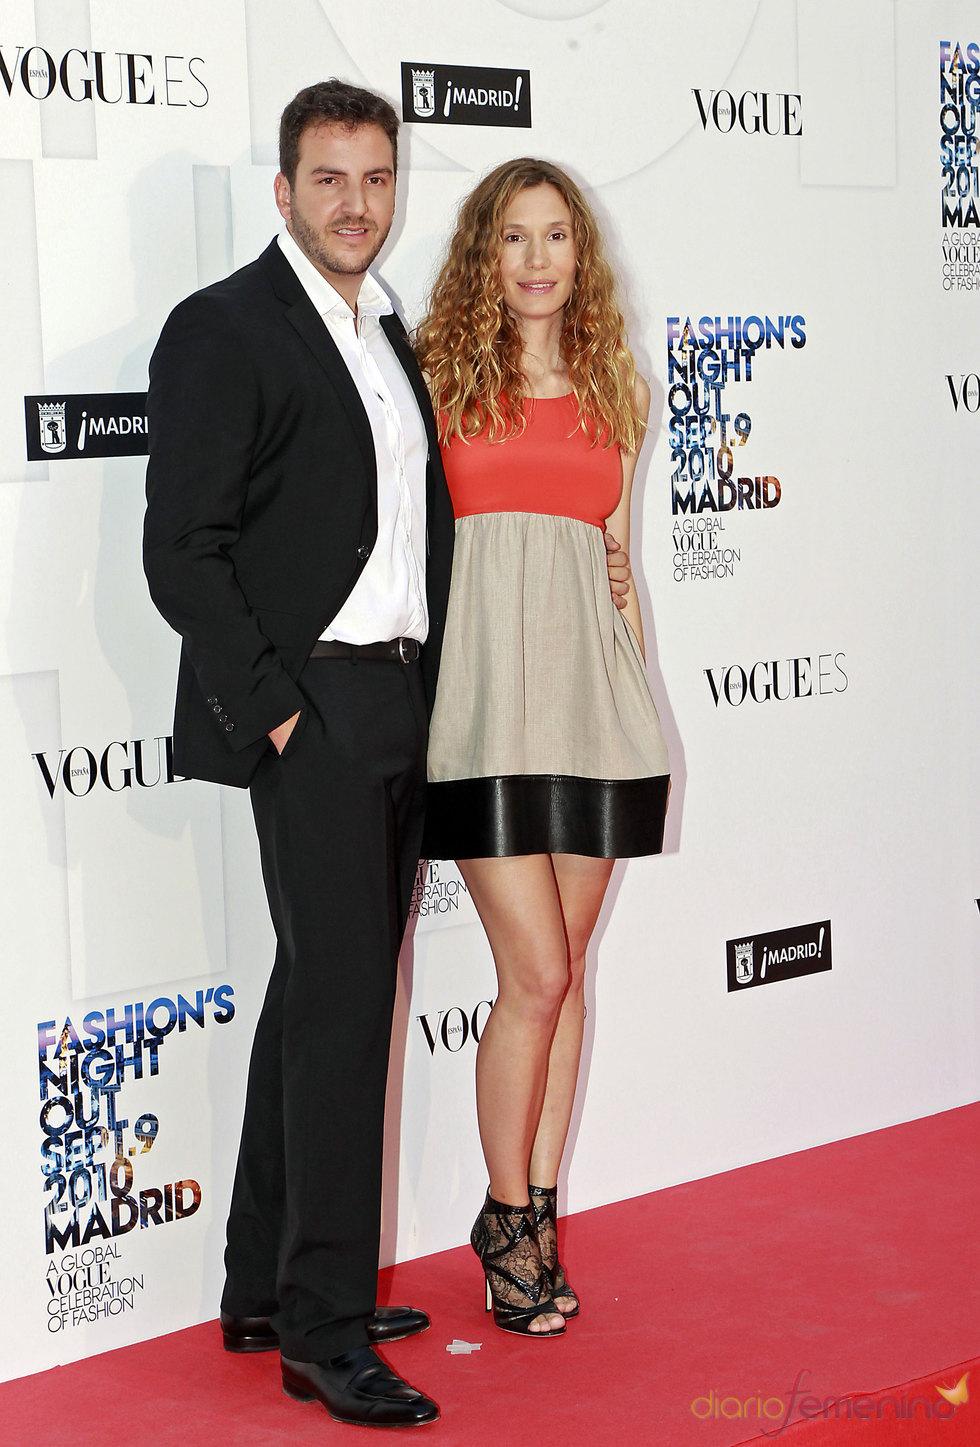 Borja Thyssen y Blanca Cuesta en la fiesta de Vogue en Madrid